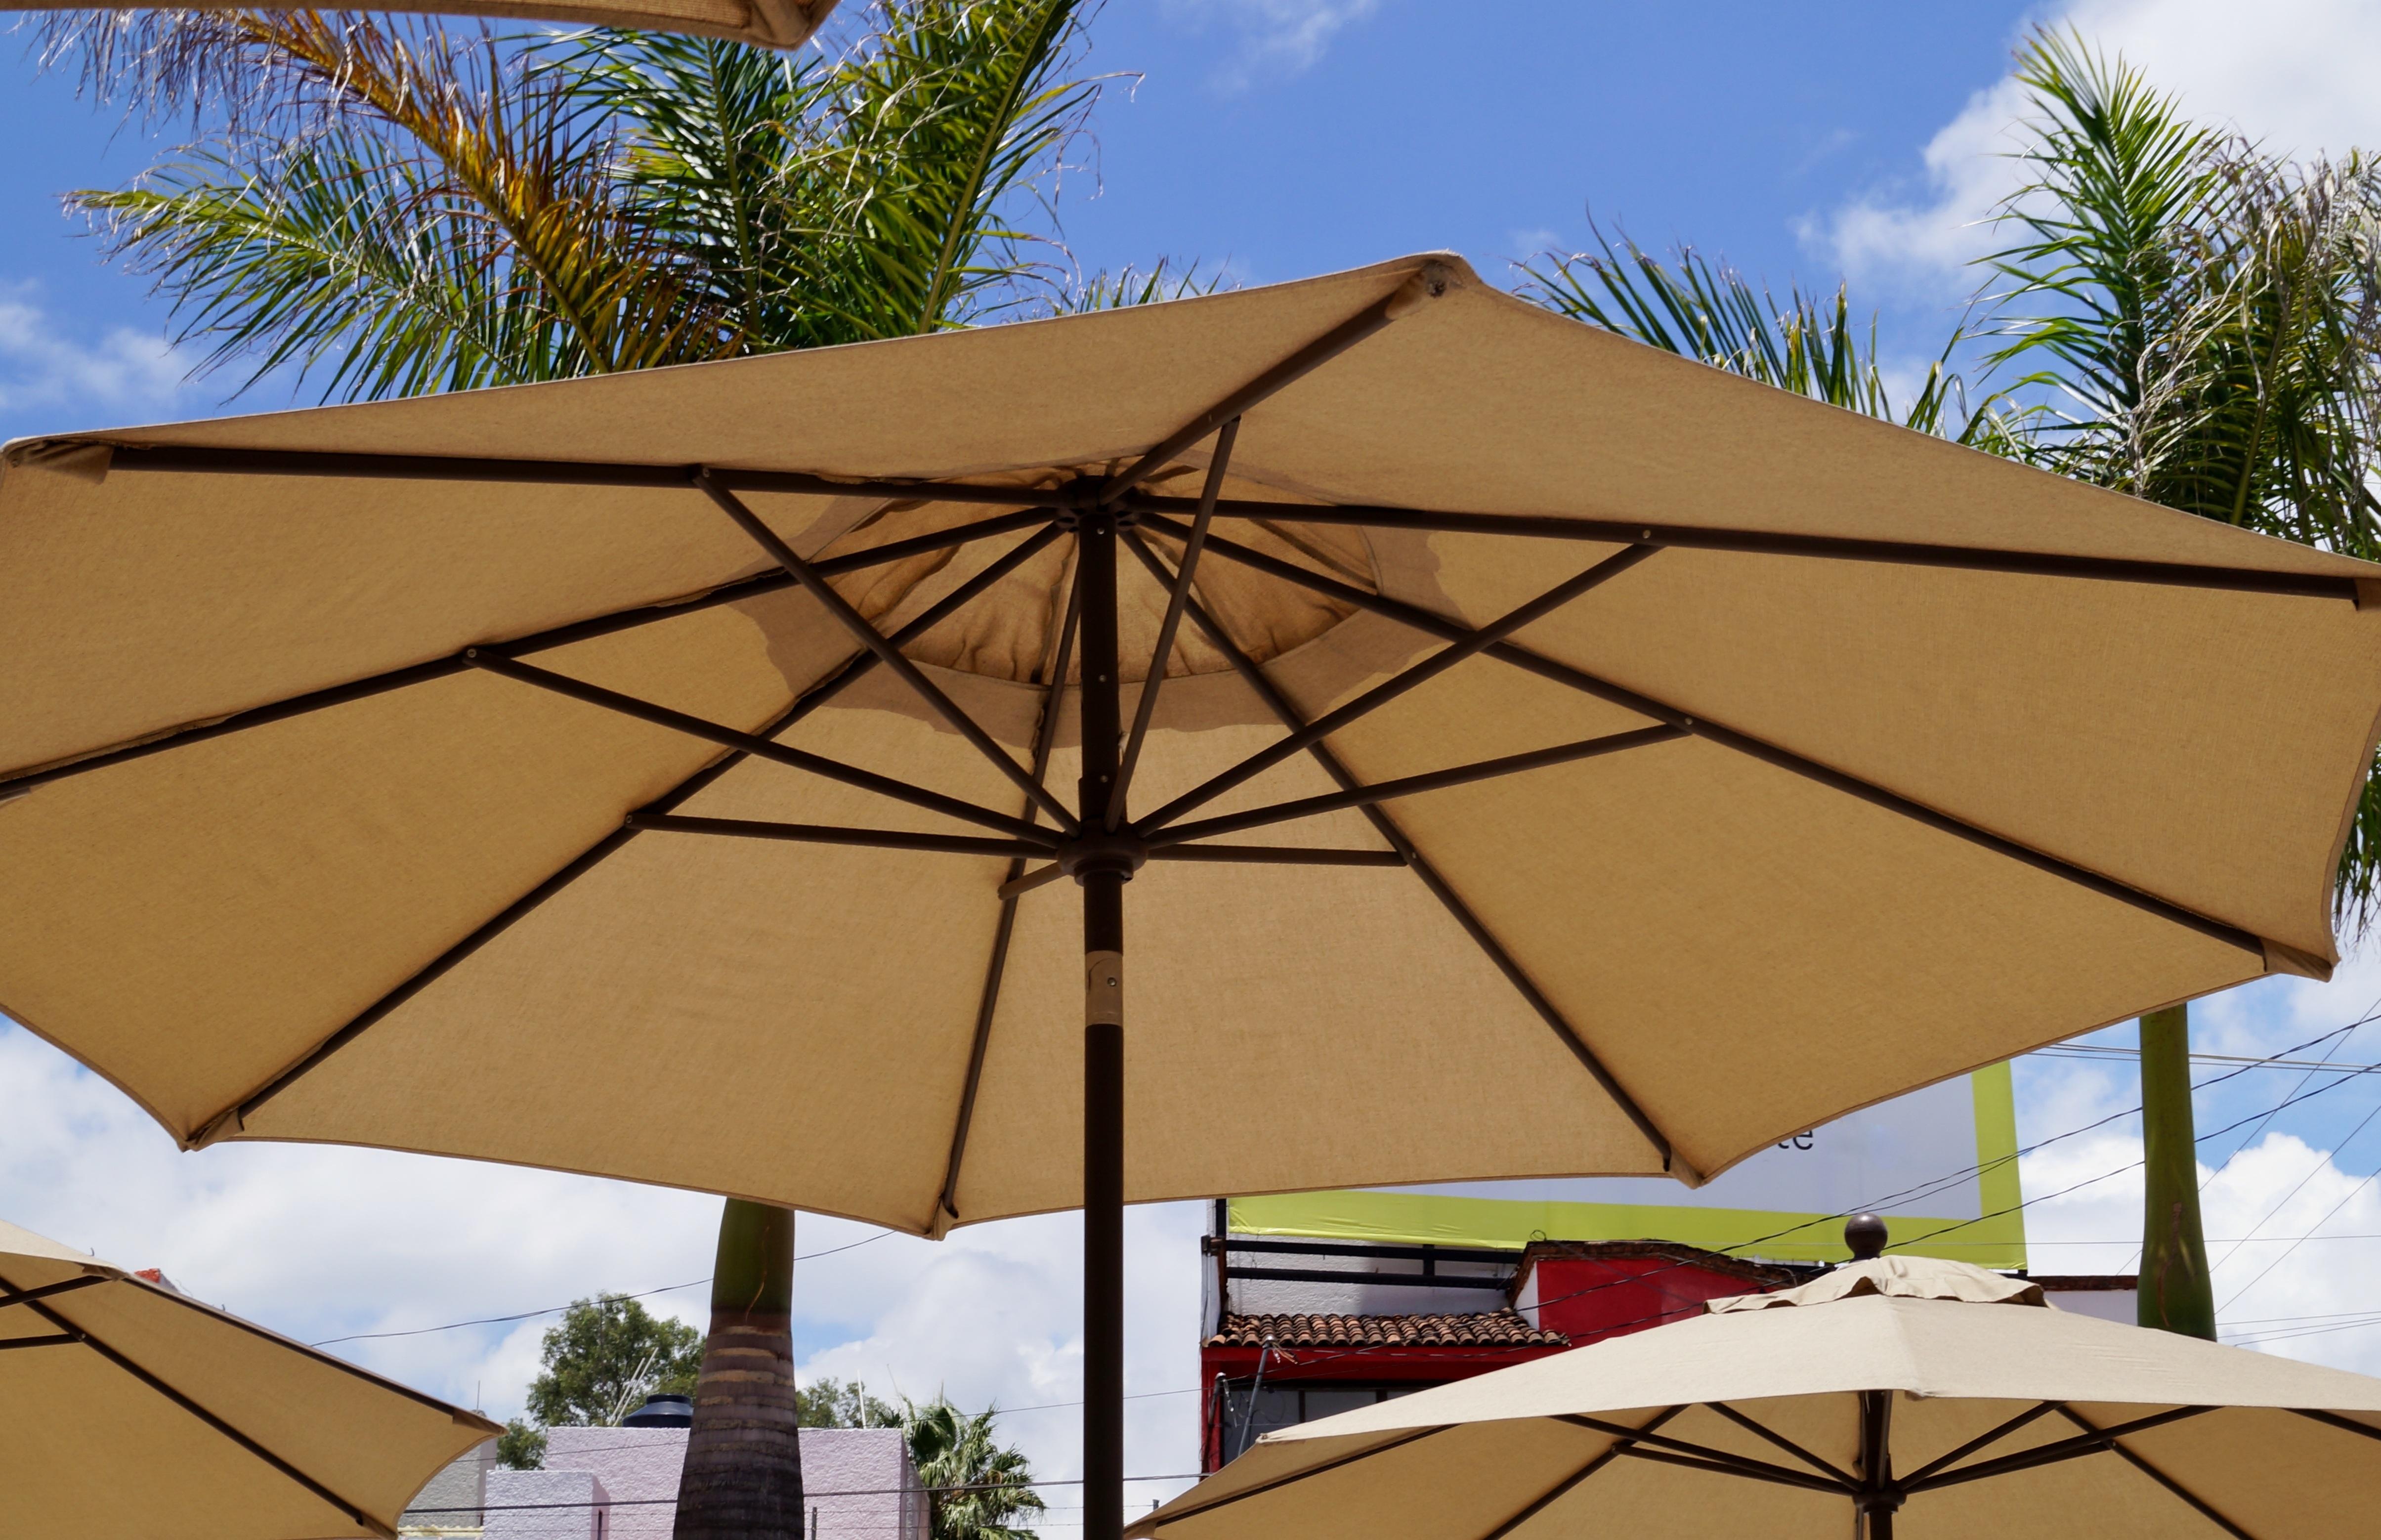 Sommer Umwelt überdachung Regenschirm Plaza Schatten Hitze Zelt Klima Kuppel Schattierung Sonnenschirm locker warmes Wetter